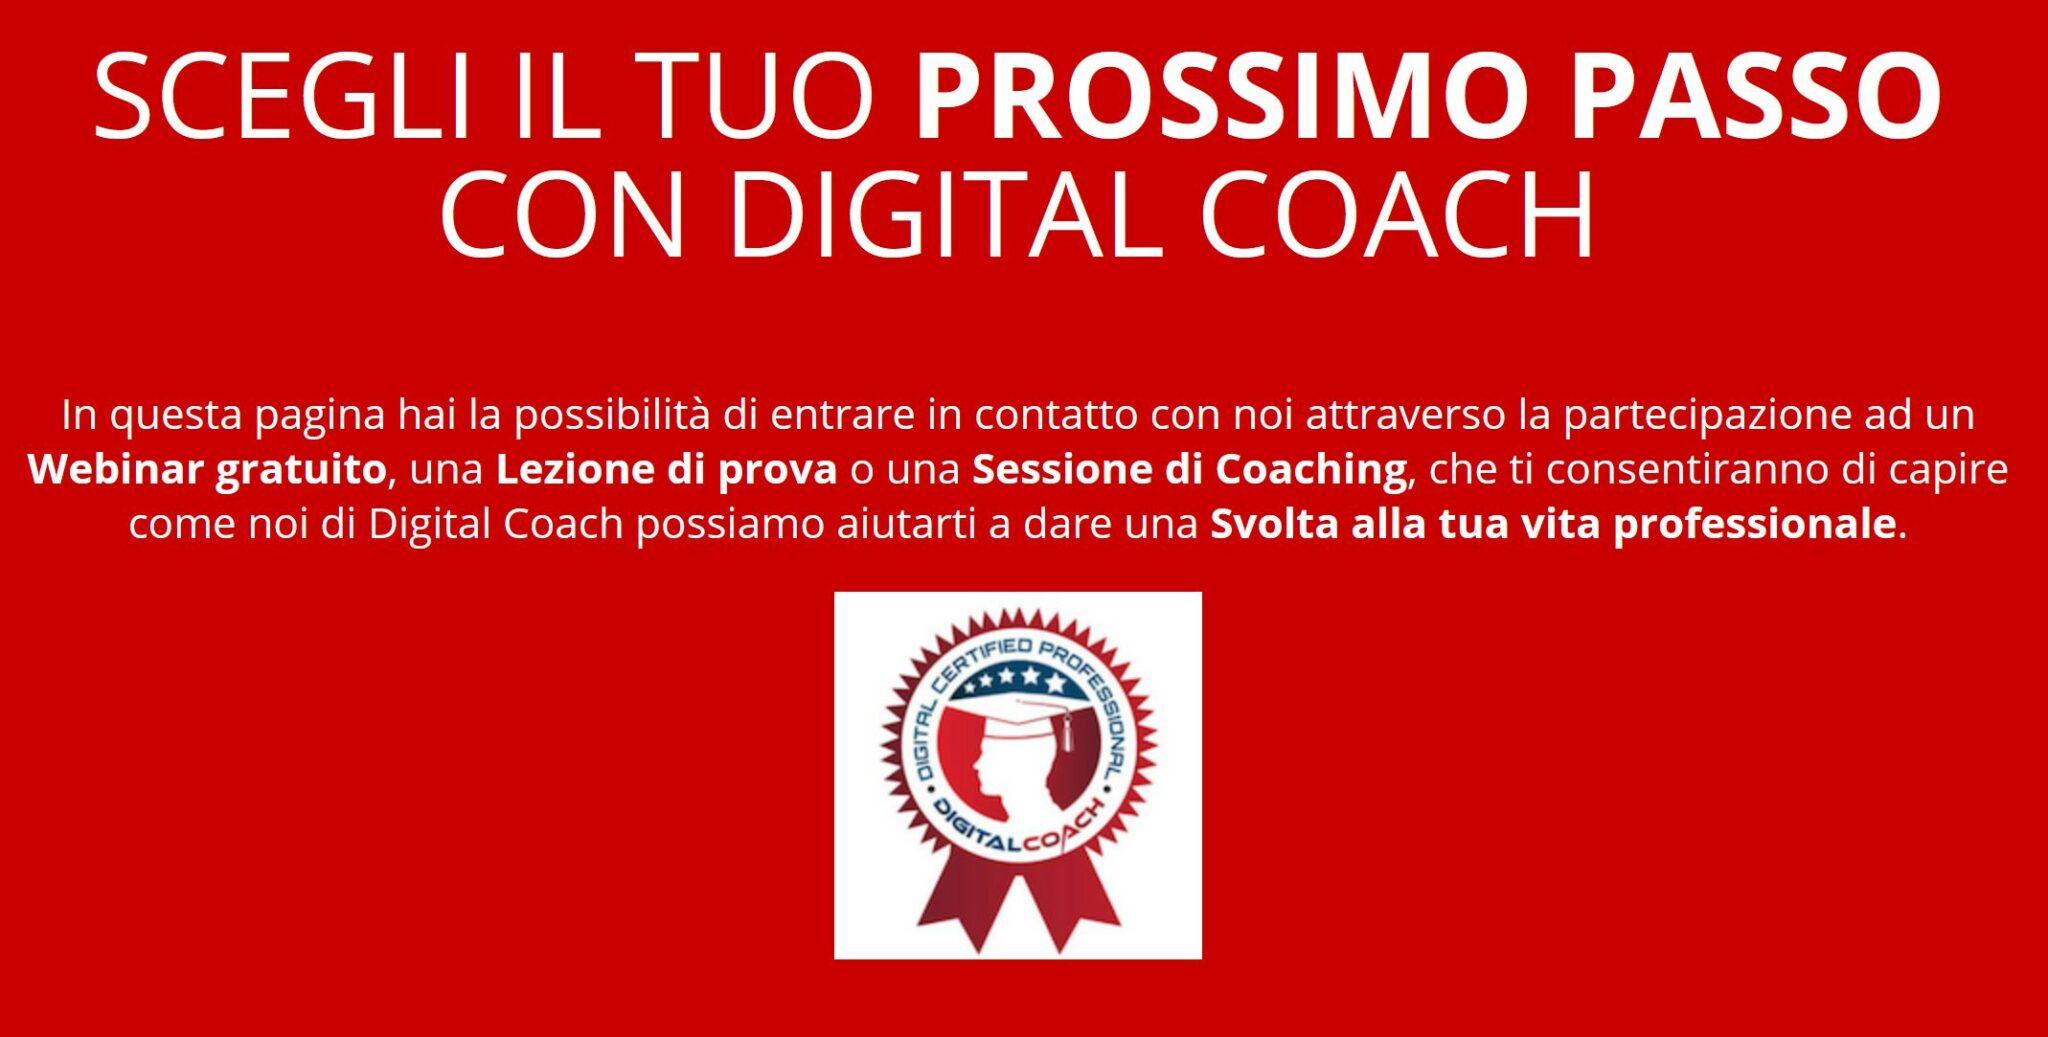 Digital Coach e i risultati dell'indagine sul commercio online